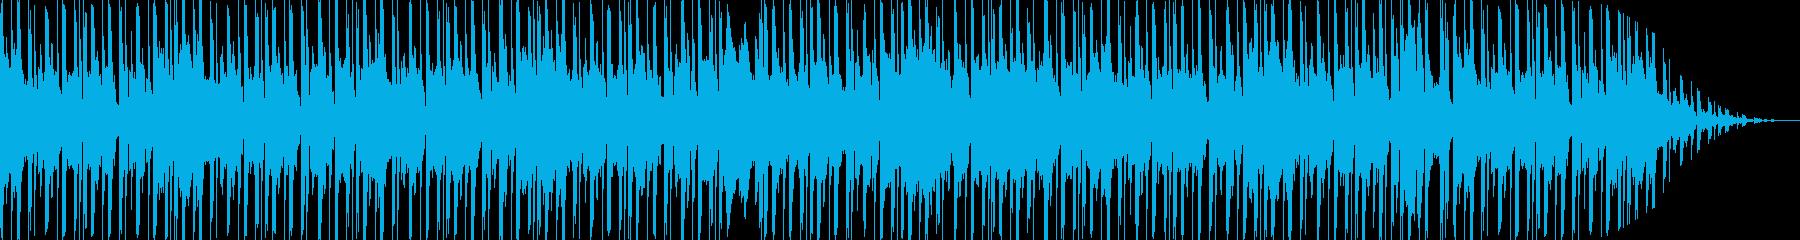 可愛らしく優しいエレクトロBGMの再生済みの波形